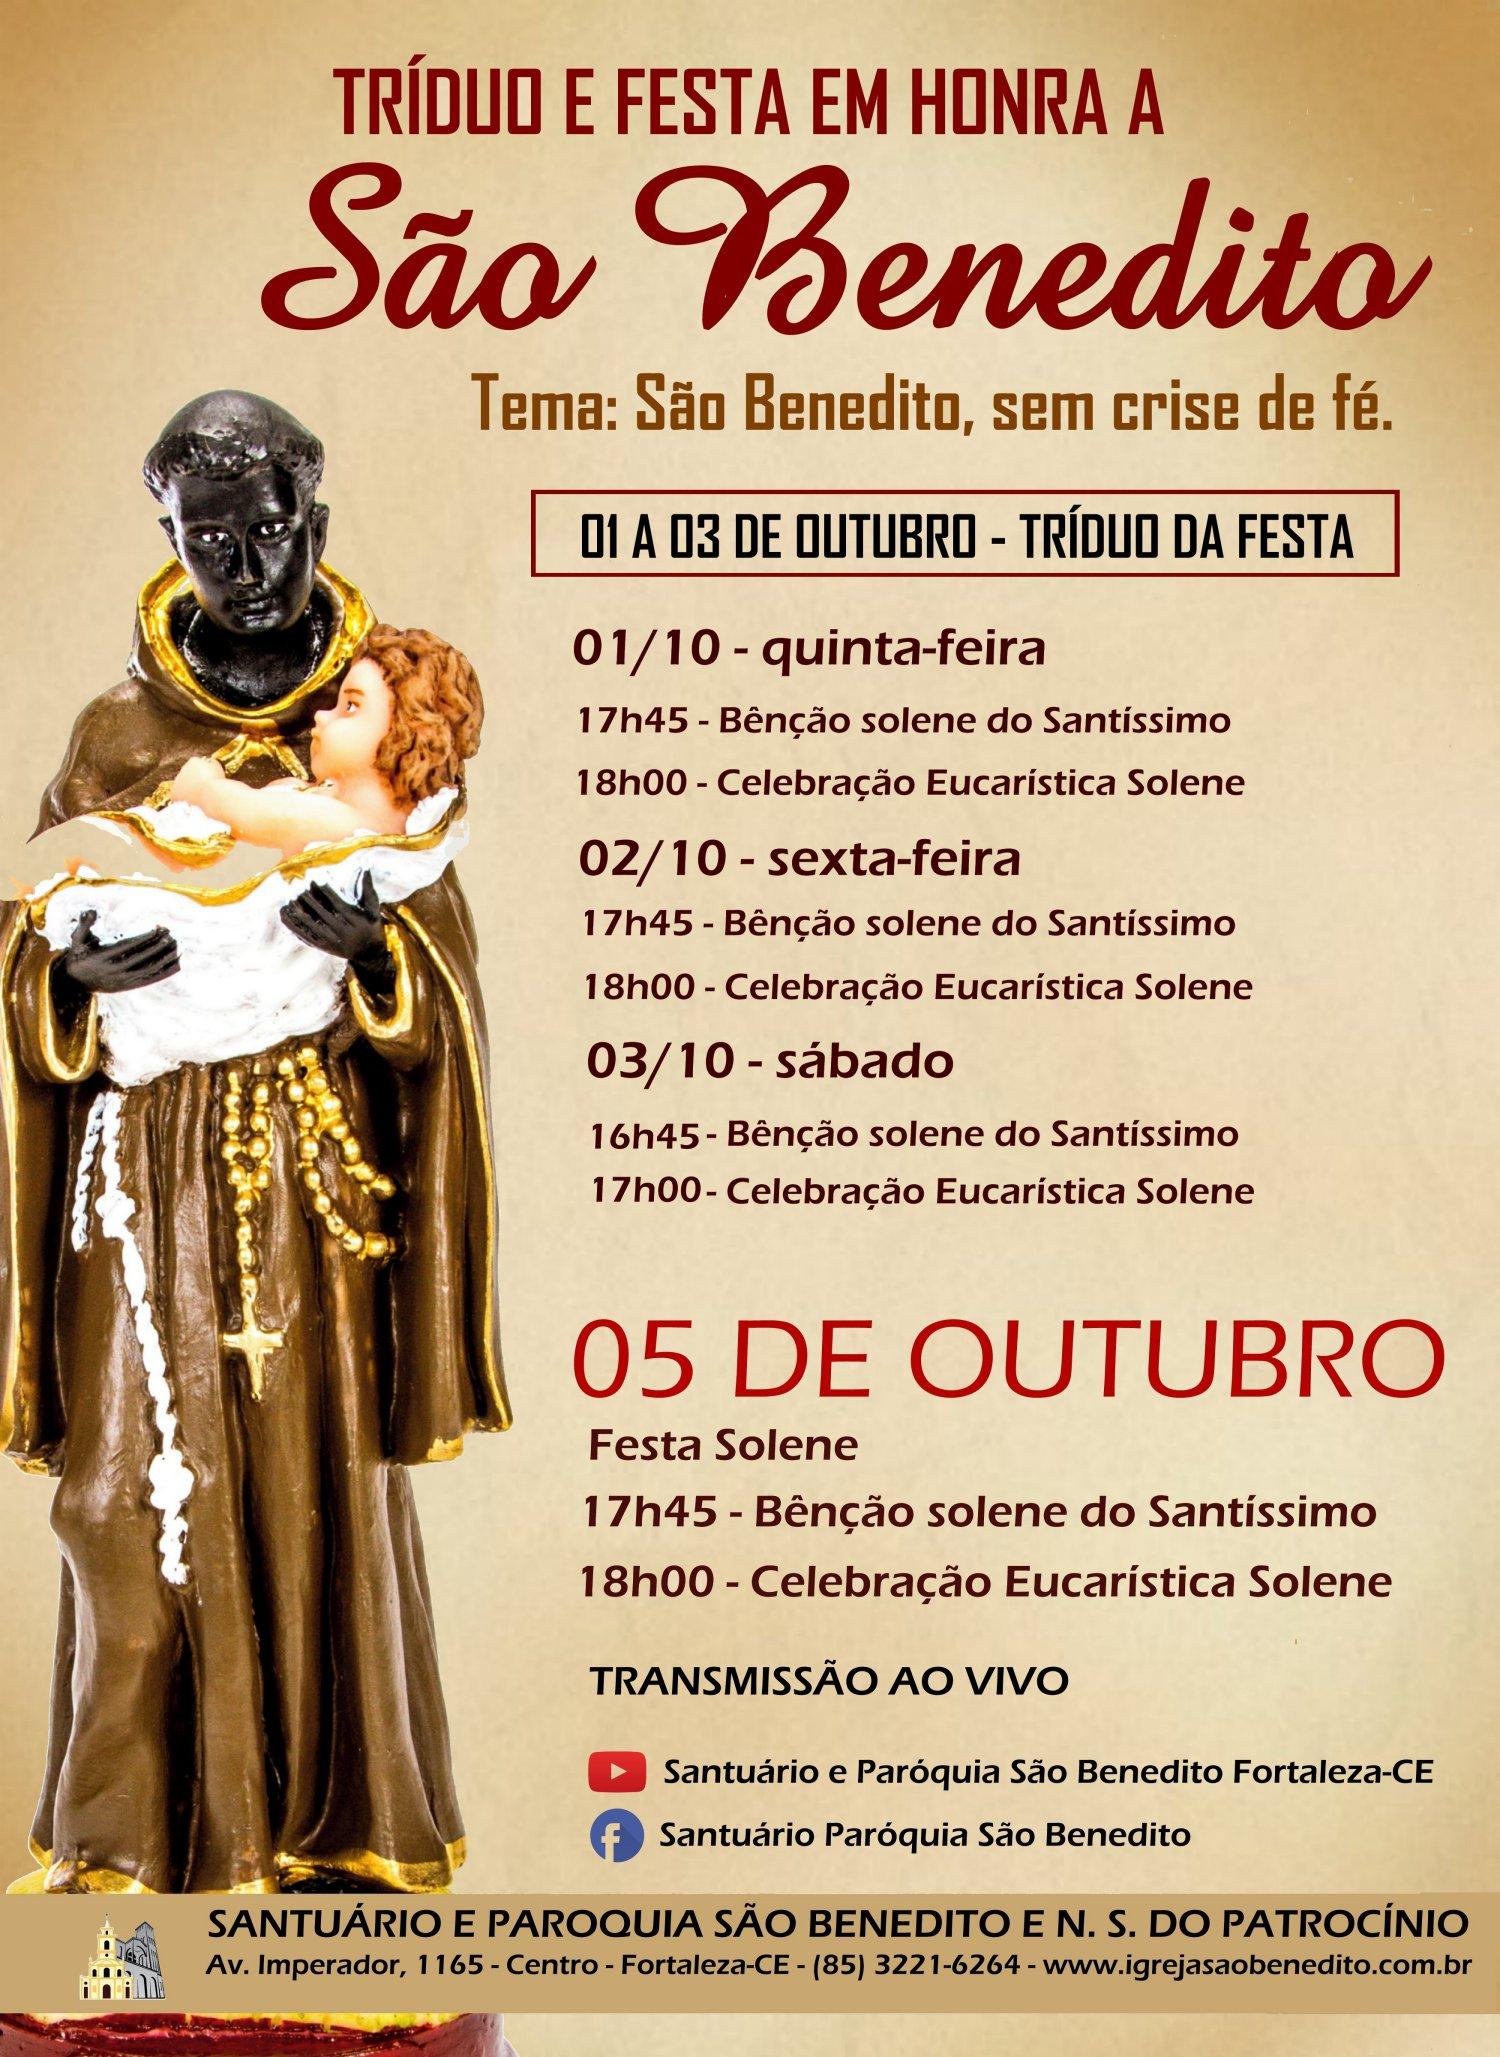 Participe do Tríduo e Festa em honra a São Benedito, de 01 a 03/10 e 05/10